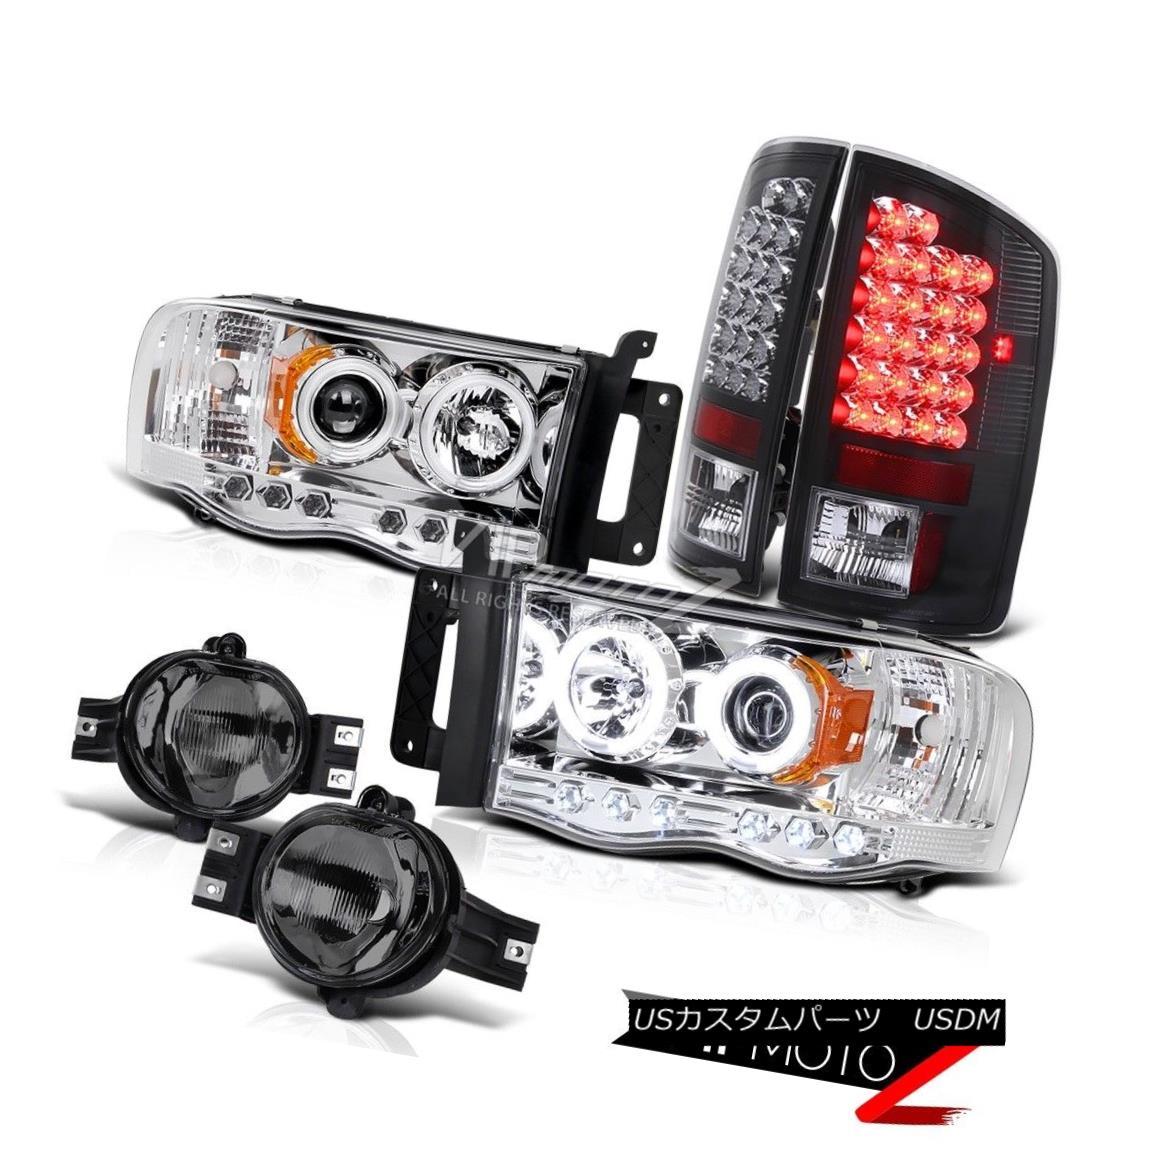 """ヘッドライト AWESOME 02-05 Dodge Ram CCFL Halo Headlight+""""Error Free"""" LED Tail+Fog Light SLT 素晴らしい02-05ダッジラムCCFLハローヘッドライト+ """"Err または"""" Free """"LEDテール+フォグライトSLT"""